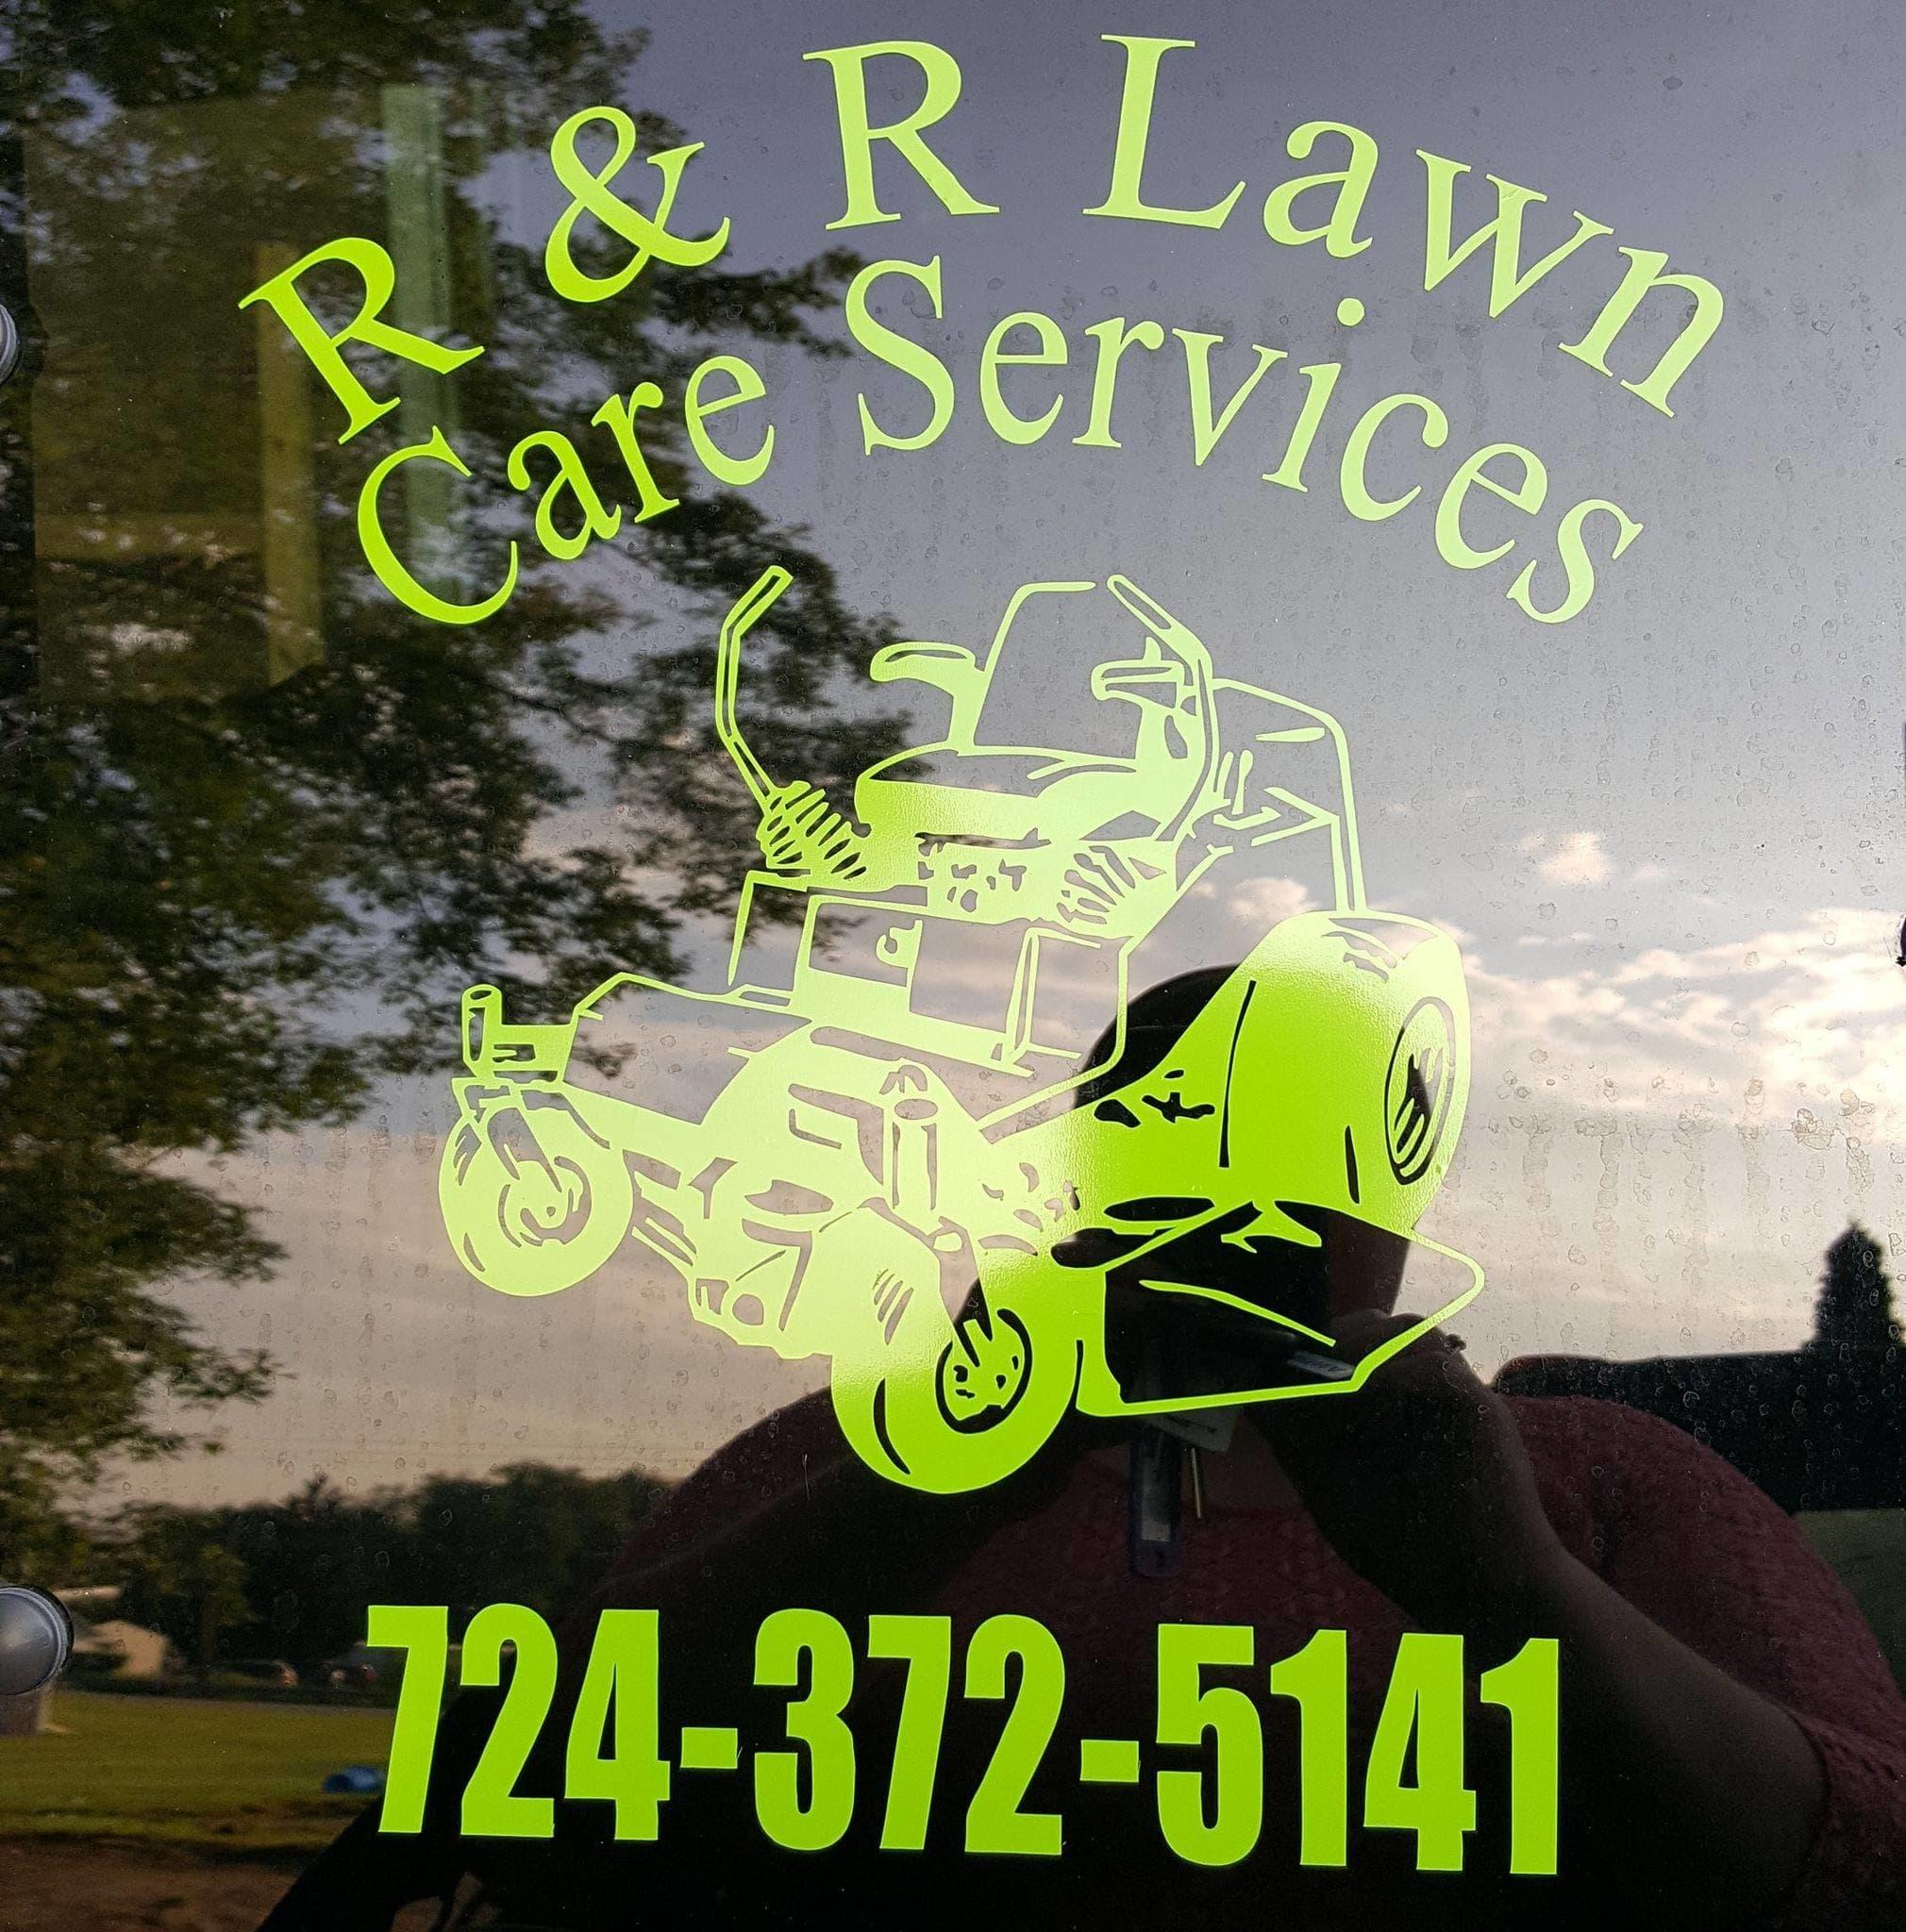 R&R Lawn Care Services